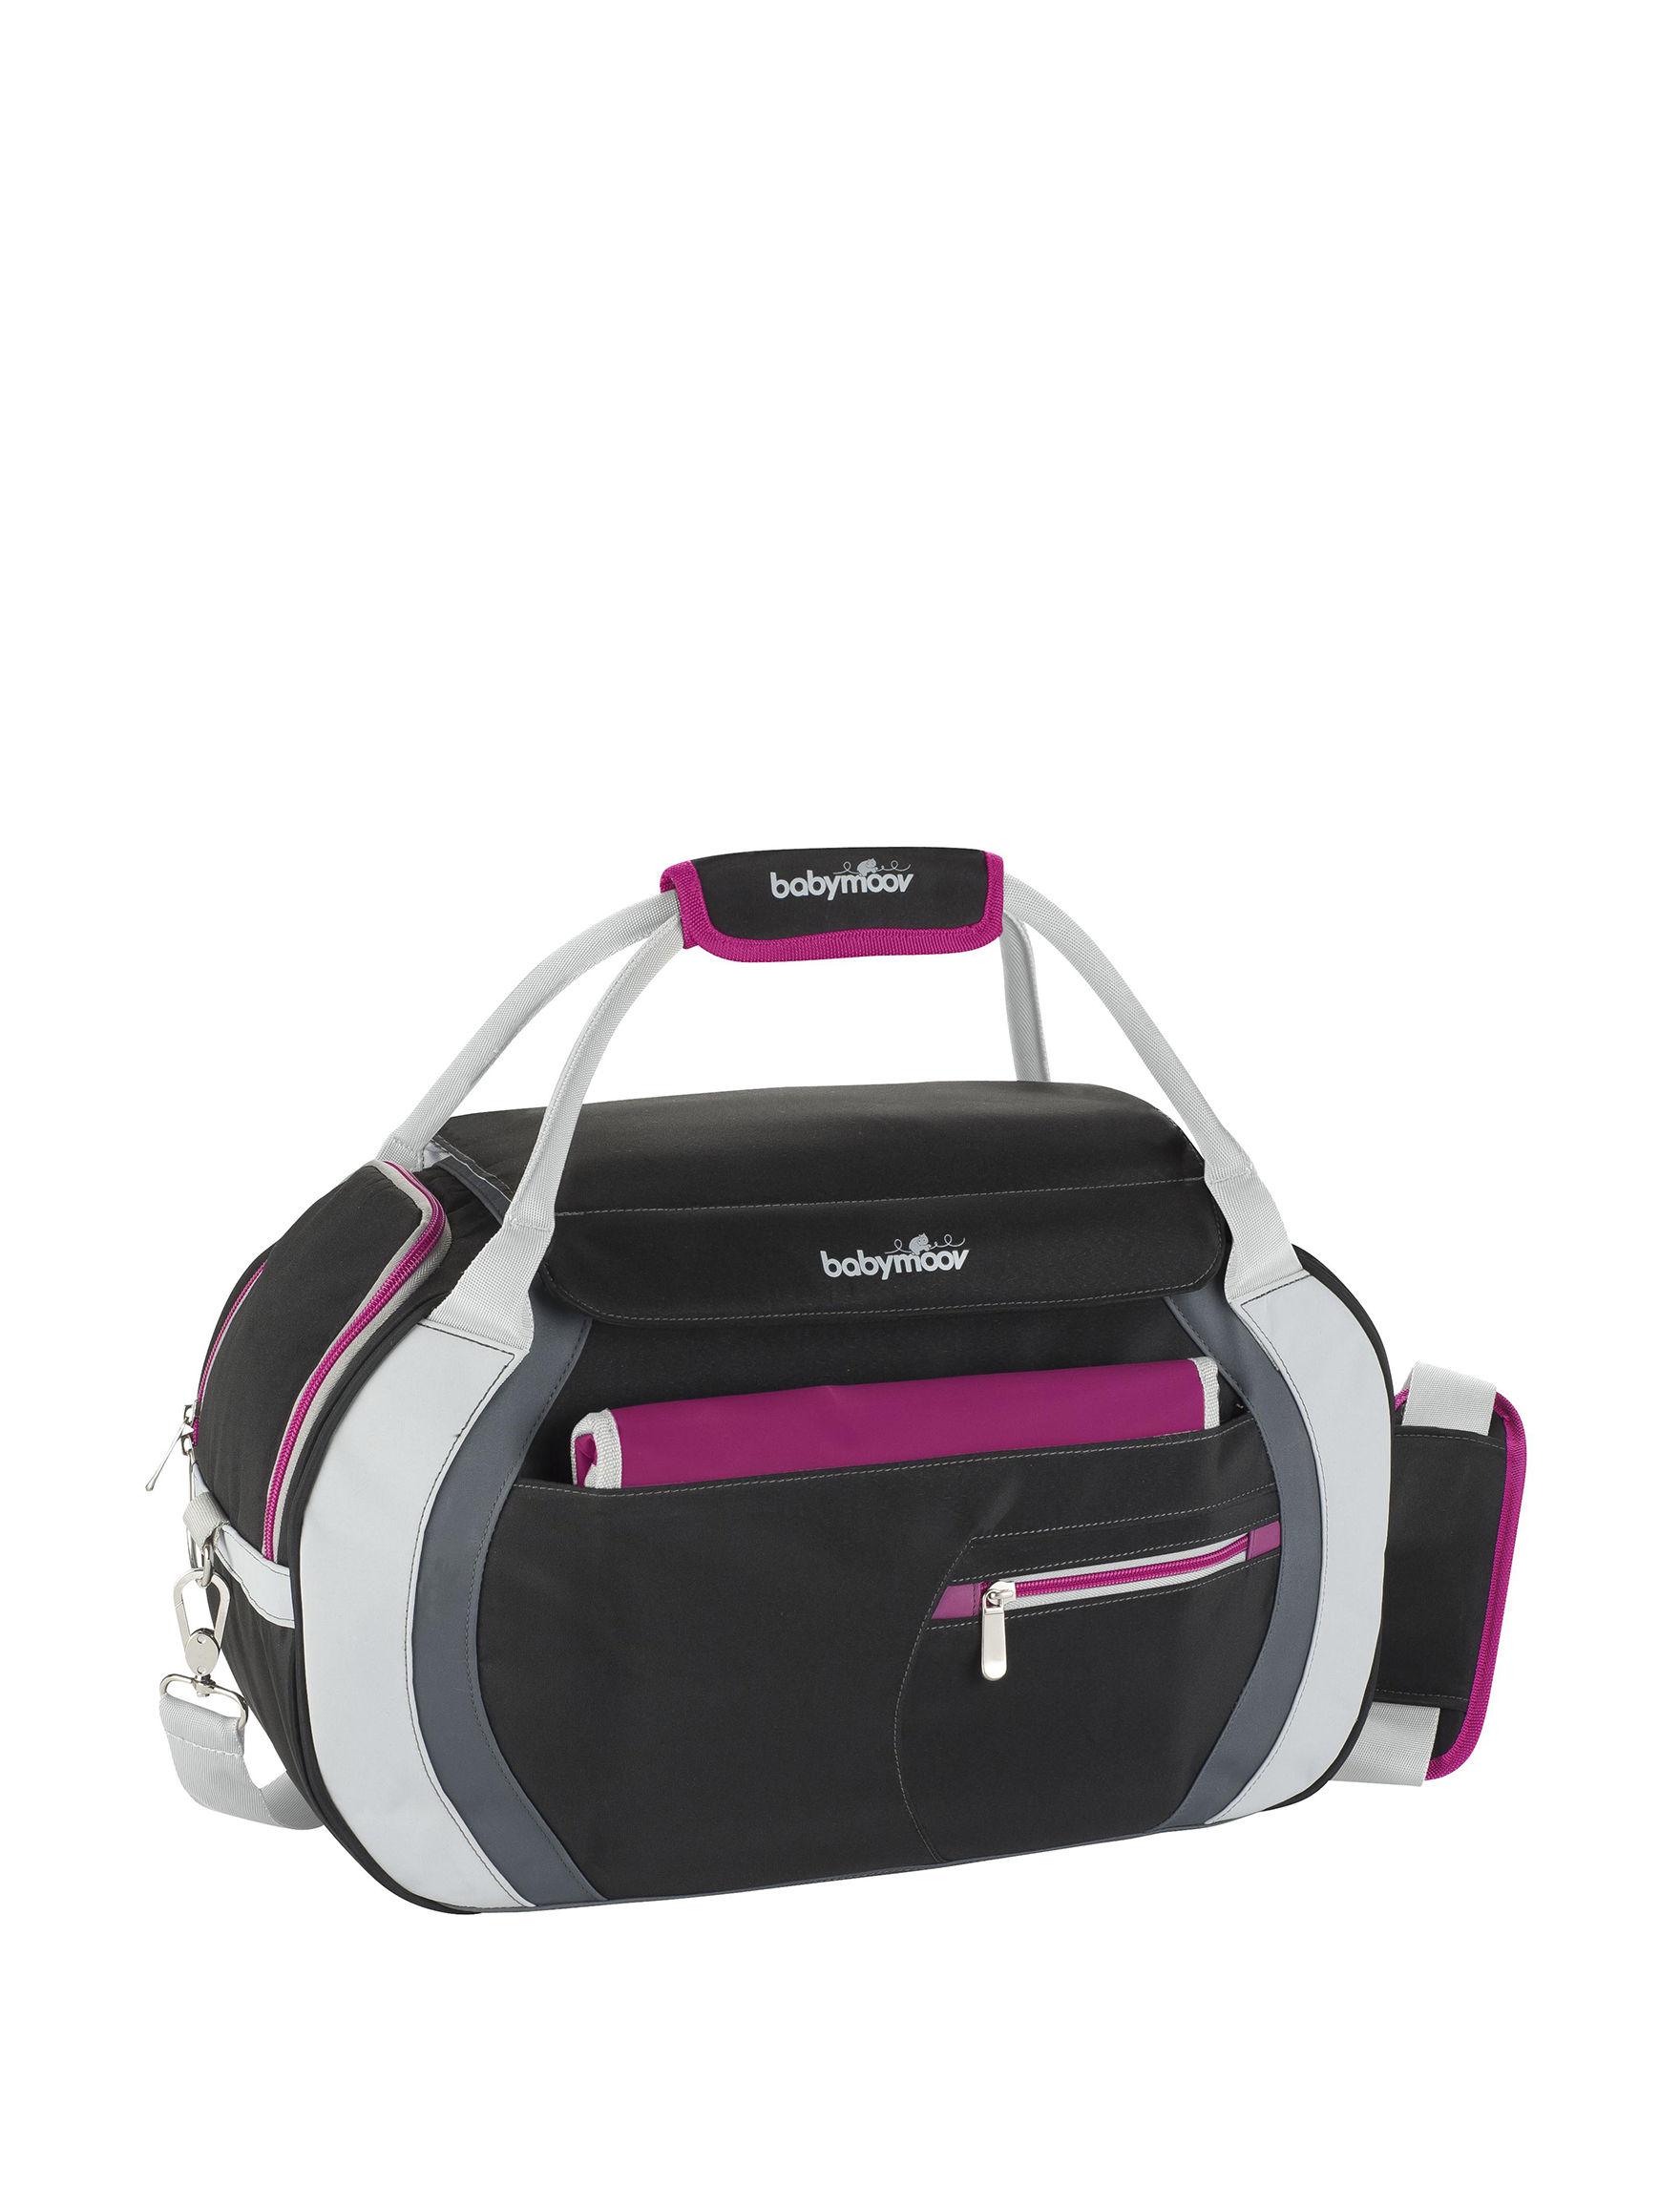 Babymoov Black / Pink Diaper Bags